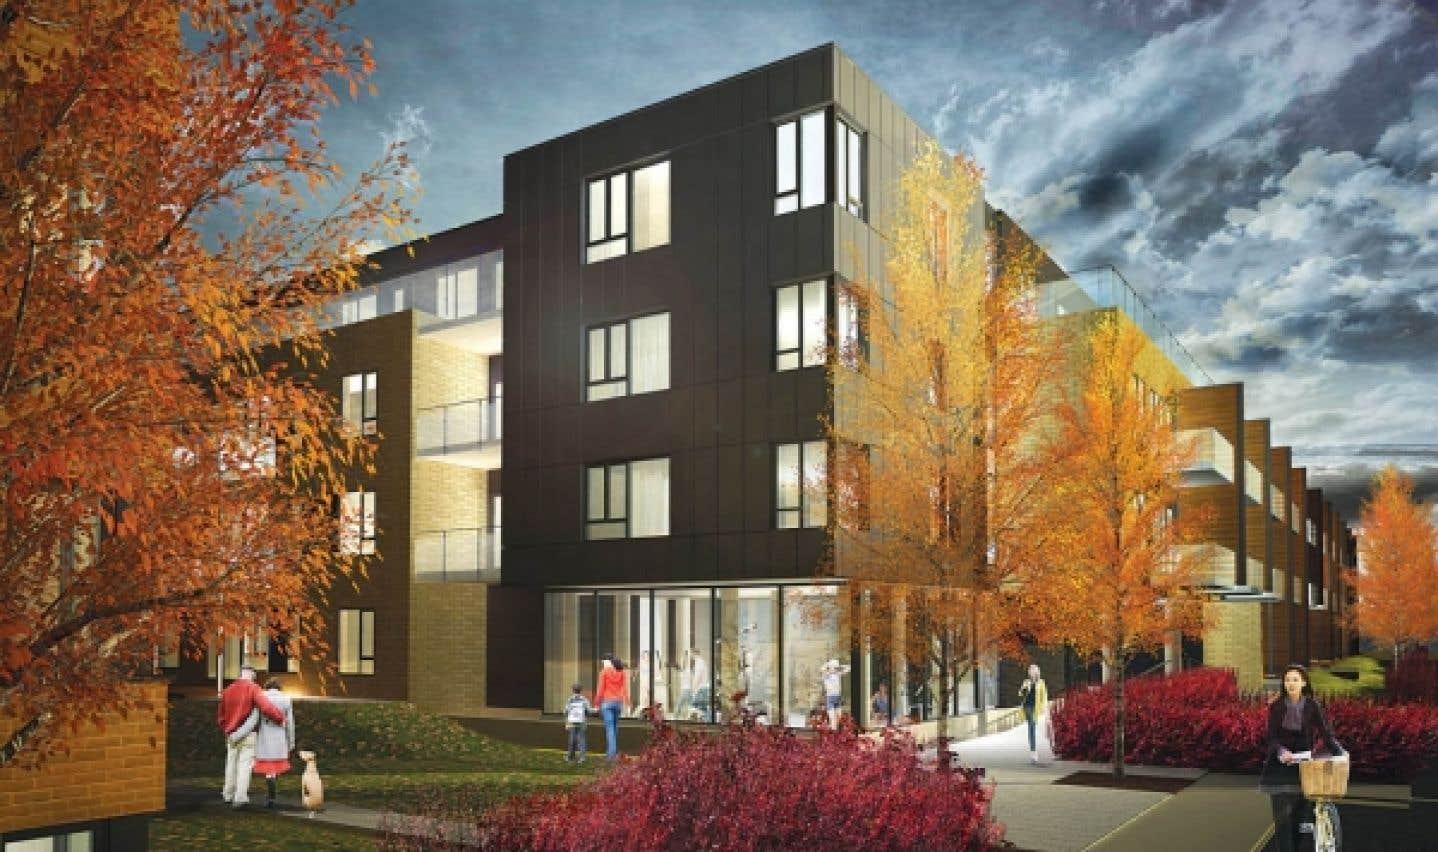 Les lofts au rez-de-chaussée et au quatrième étage auront une grande terrasse de bois. Les autres auront un balcon.